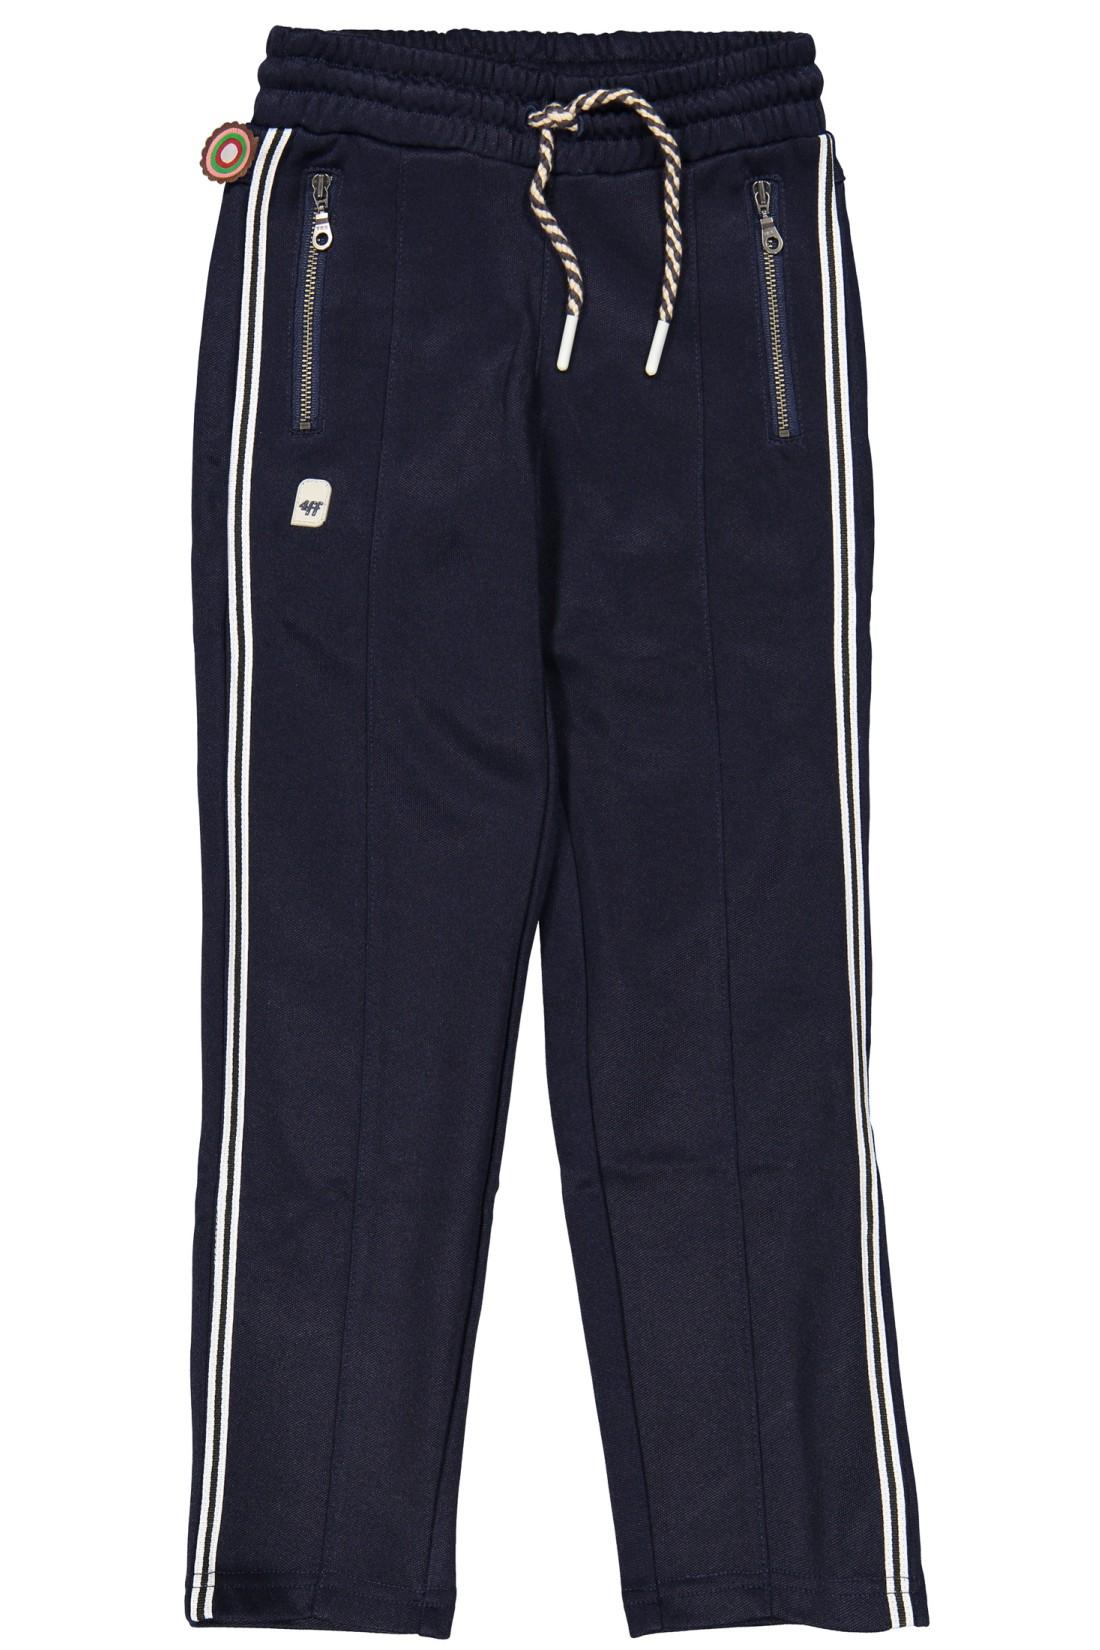 Mr. Hot Pants